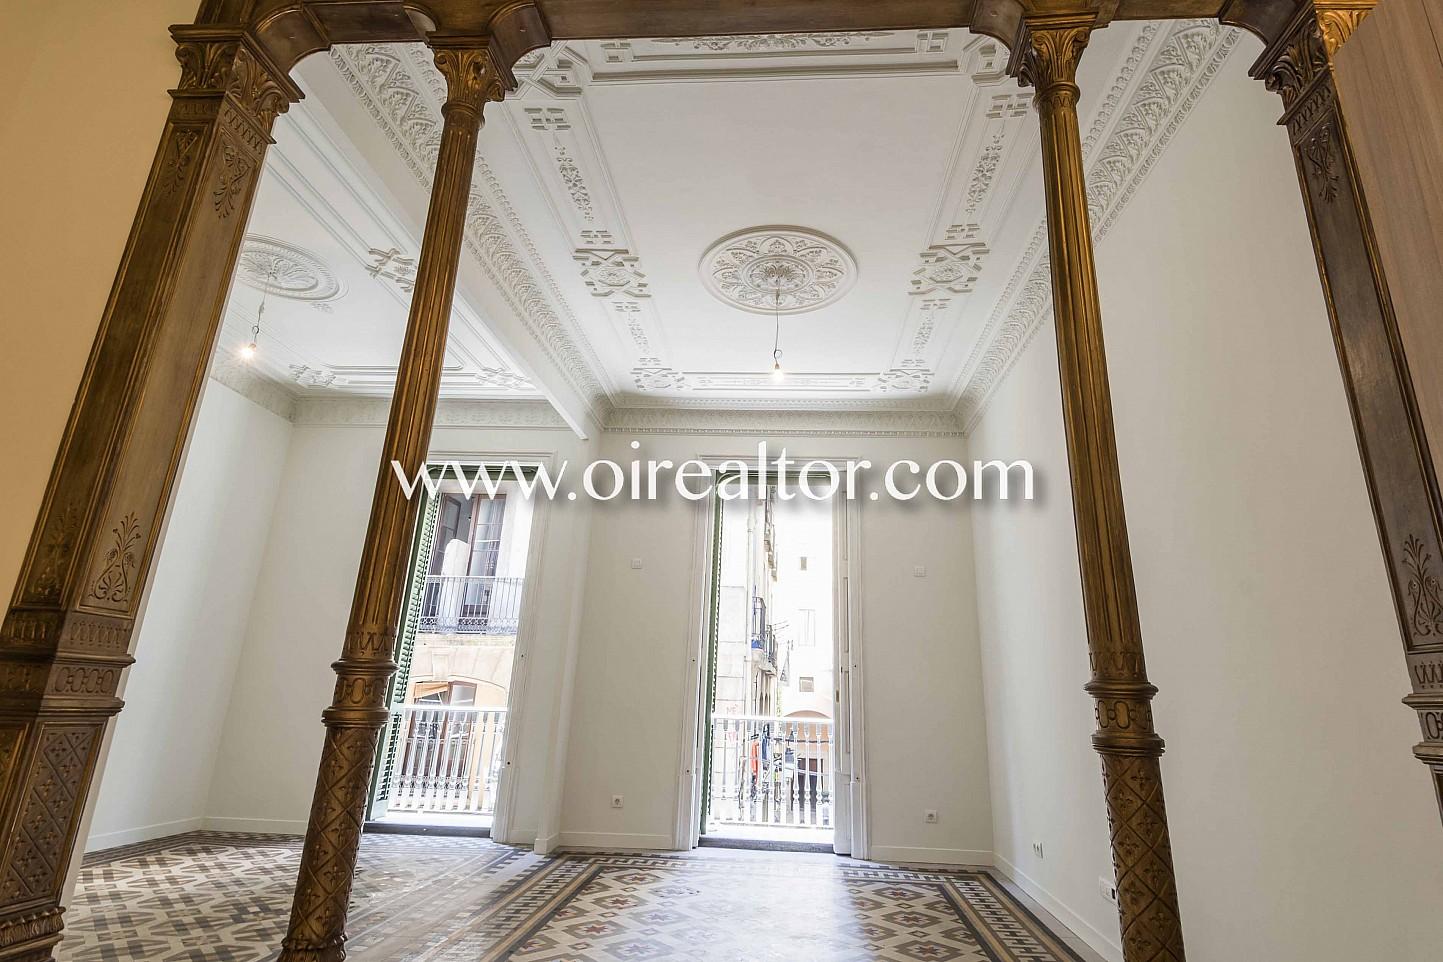 modernista, piso modernista, suelo de mosaico, mosaico, salón comedor, salón, comedor, balcón salón con balcón, vistas a la ciudad